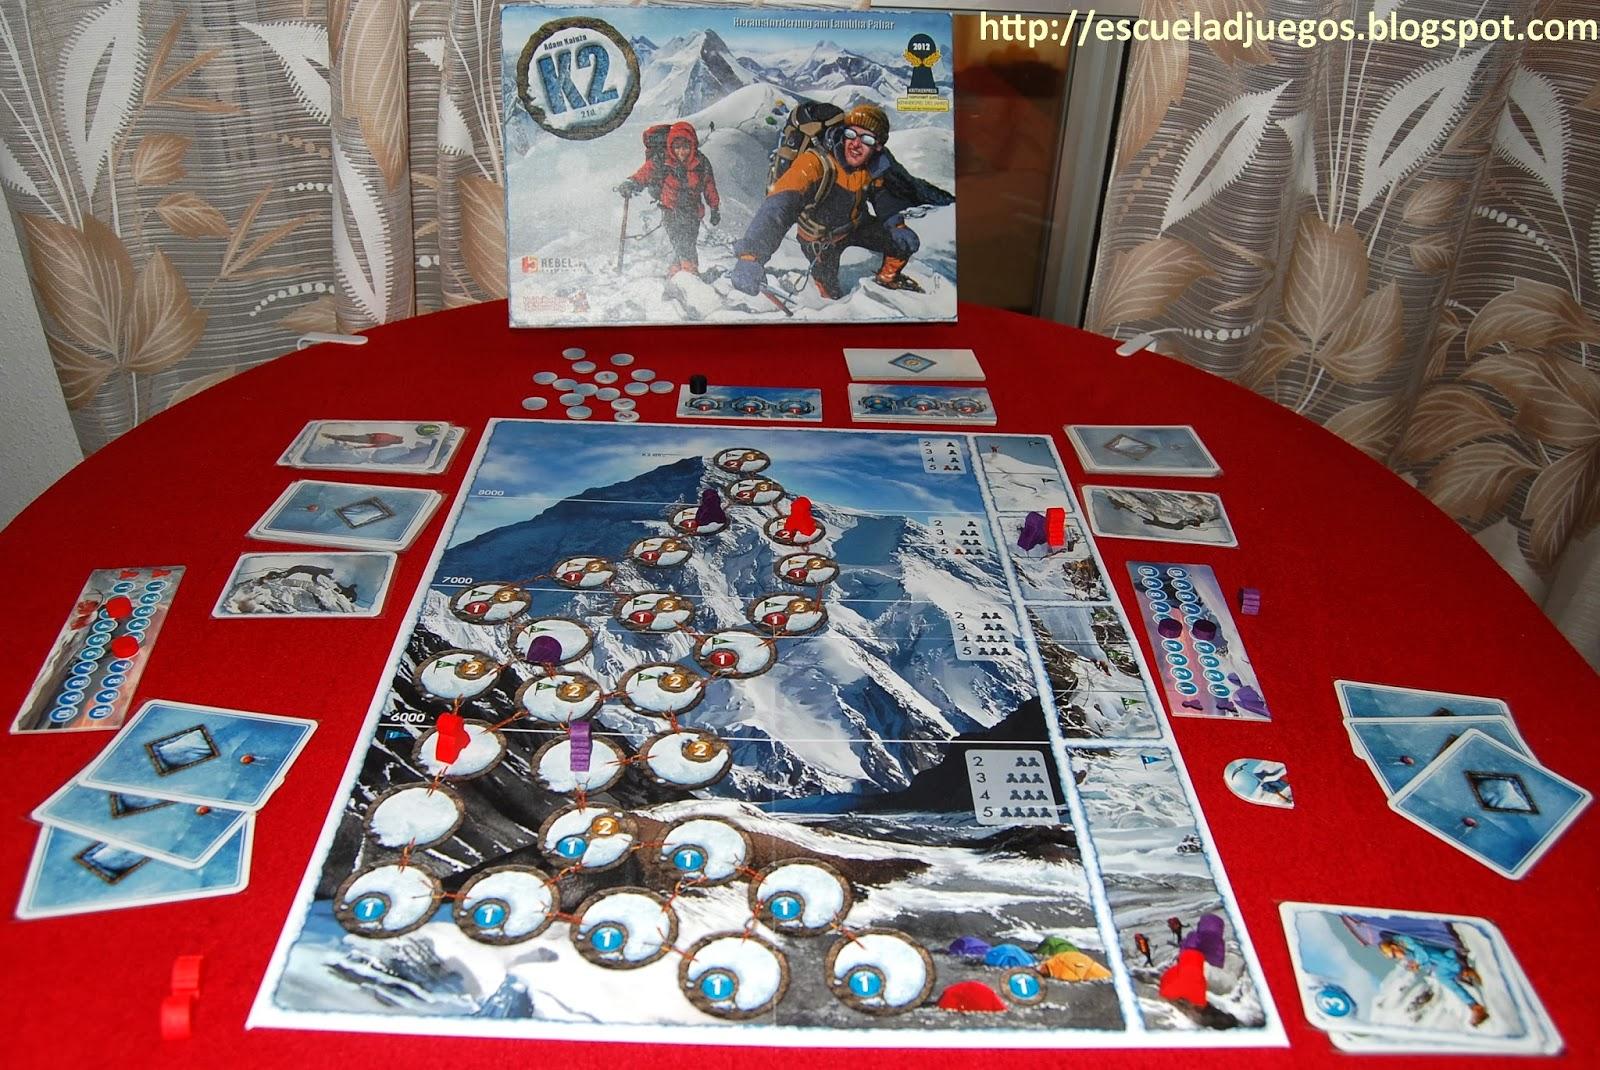 Reseña de K2, juego de mesa sobre escalada, para hasta 5 jugadores publicado por Rebel.pl